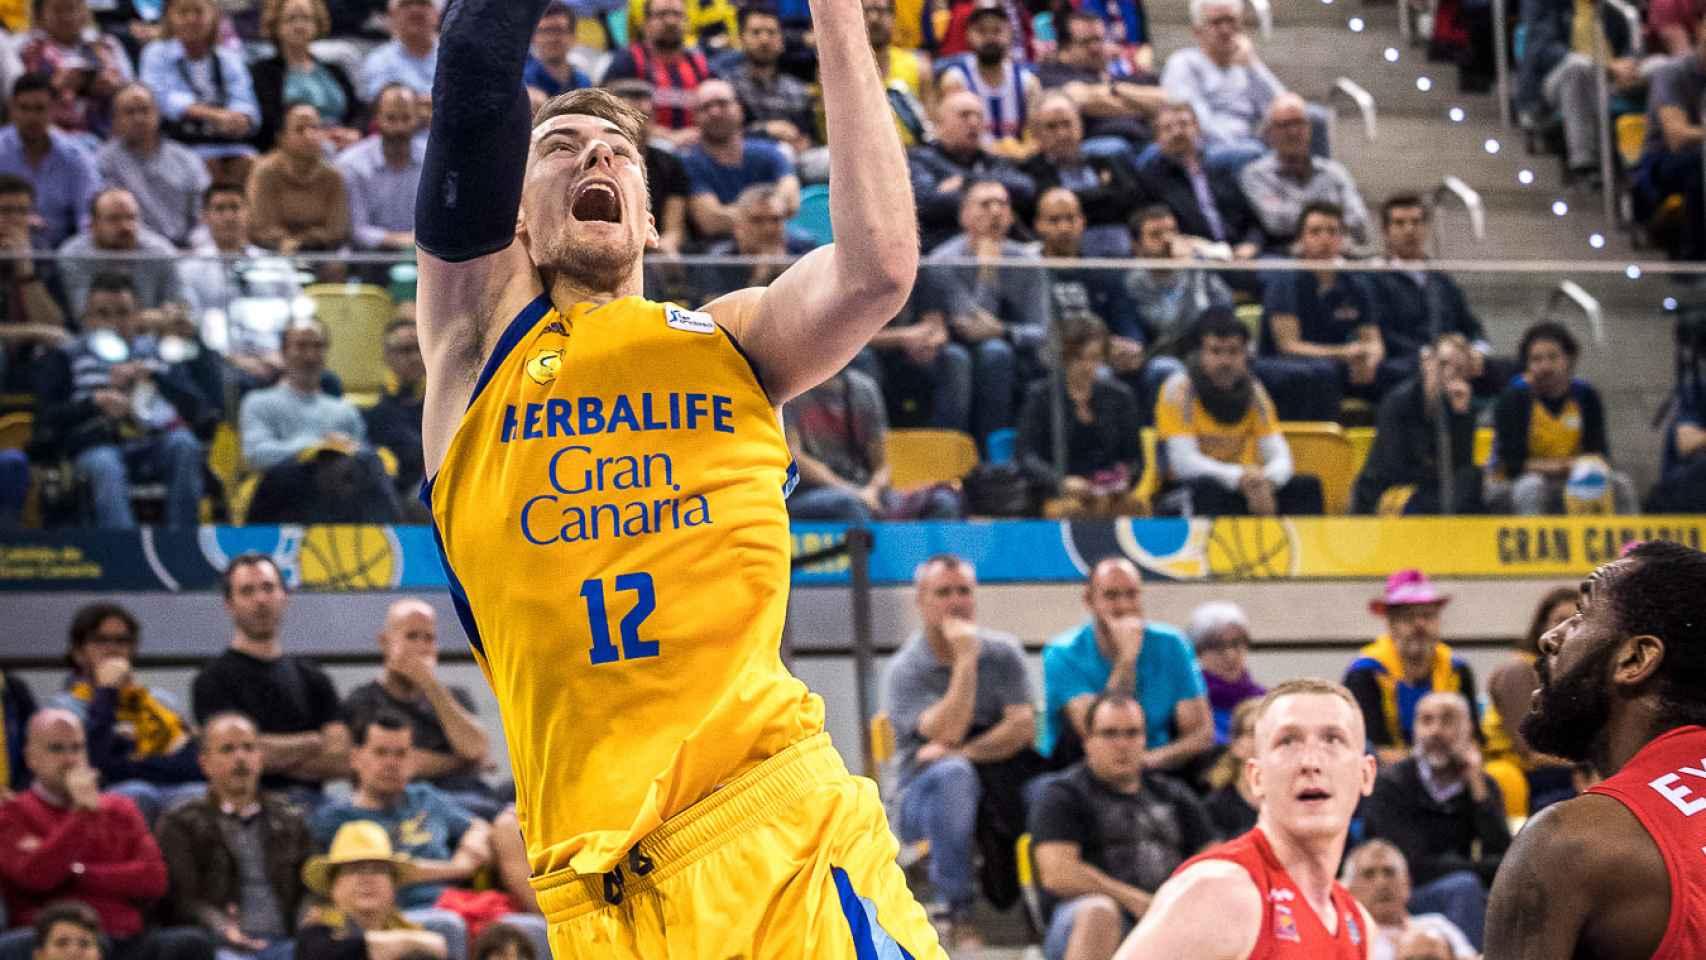 Las mejores imágenes del Herbalife Gran Canaria - Montakit Fuenlabrada de la Copa del Rey de baloncesto